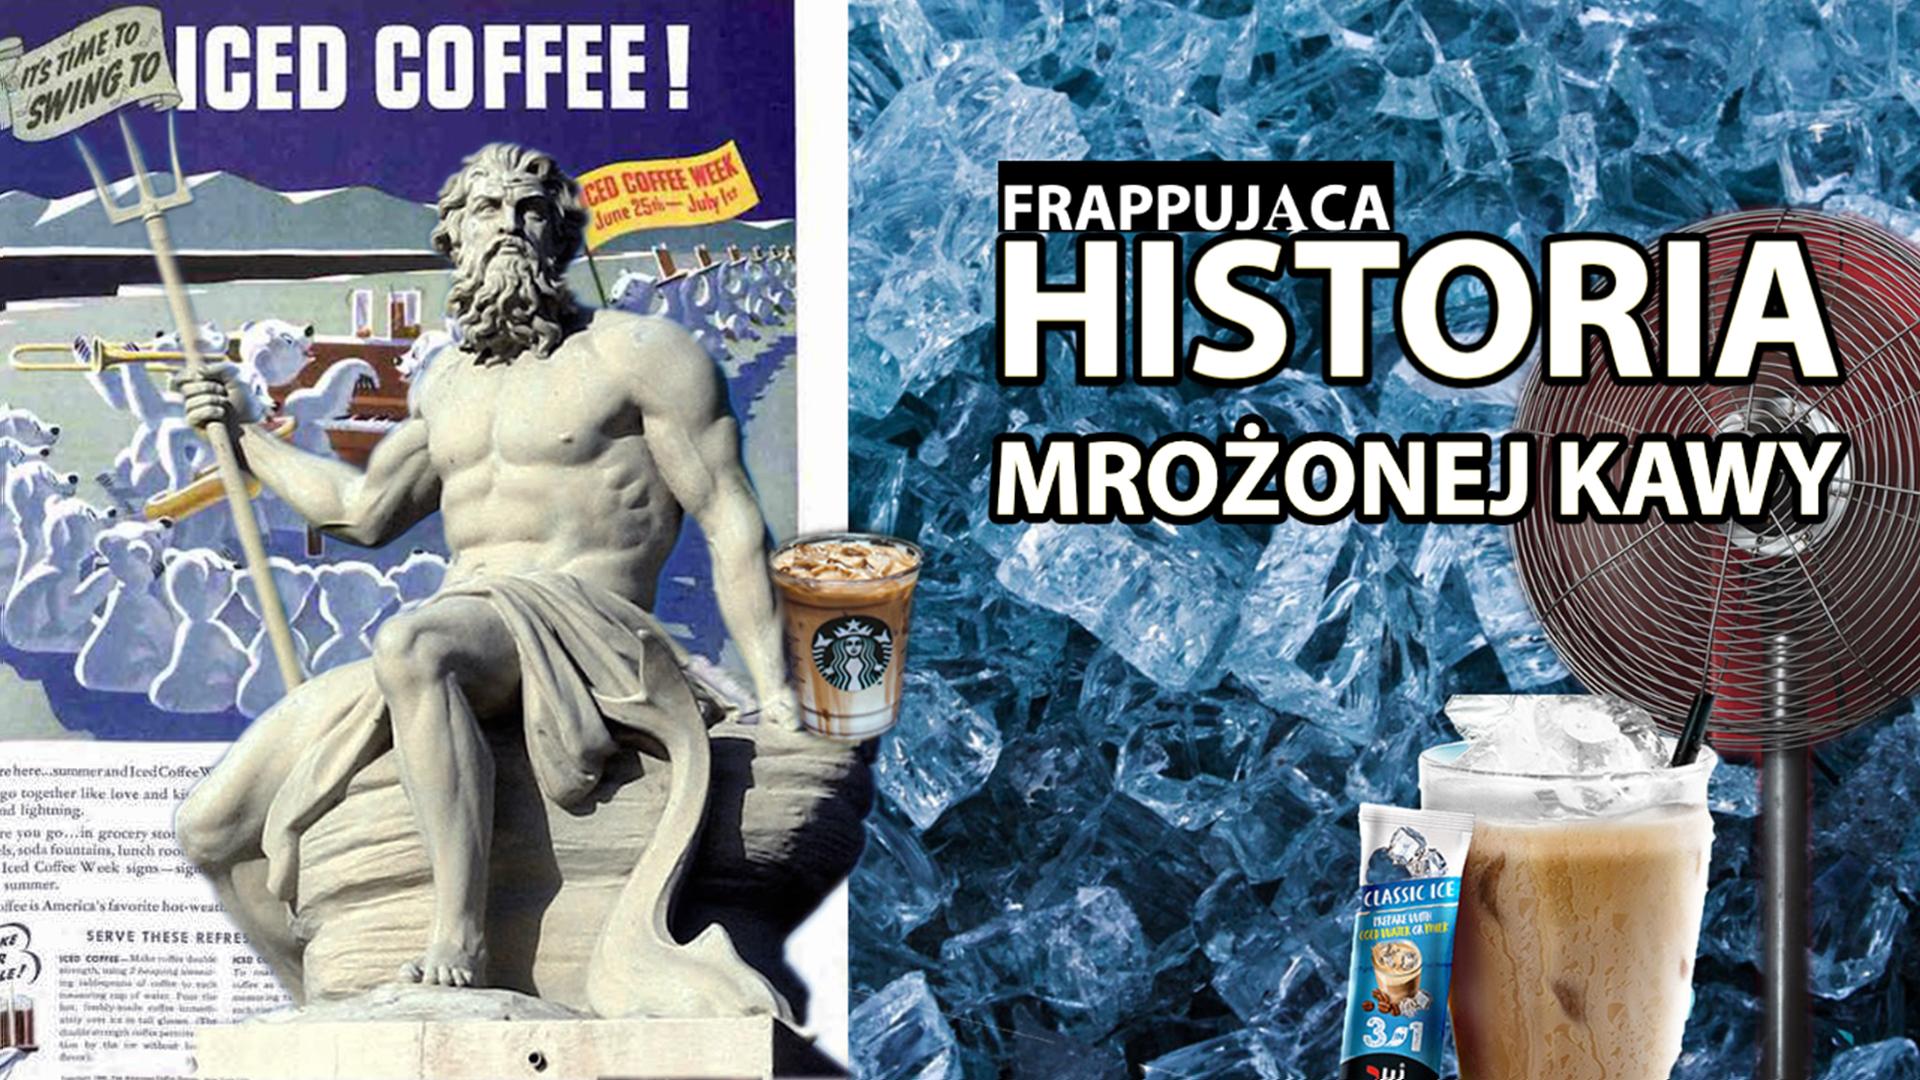 historia kawy mrożonej